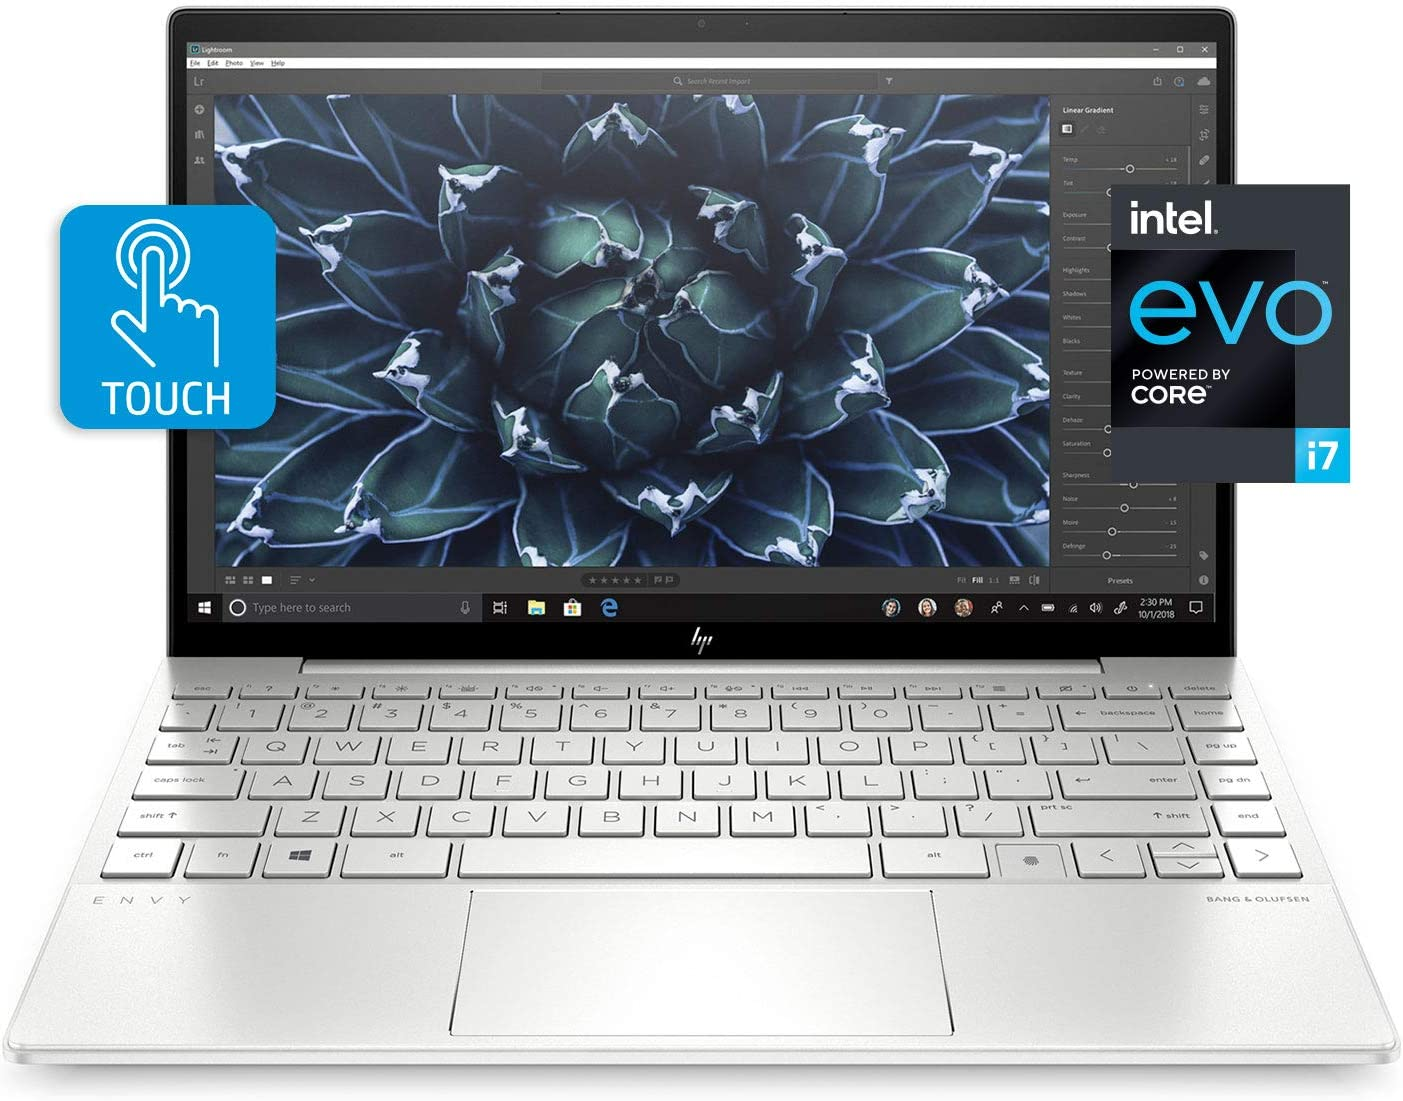 HP ENVY 13-ba1010nr 15.6″ Touch Laptop, 11th Gen Core i7, 8GB RAM, 256GB SSD